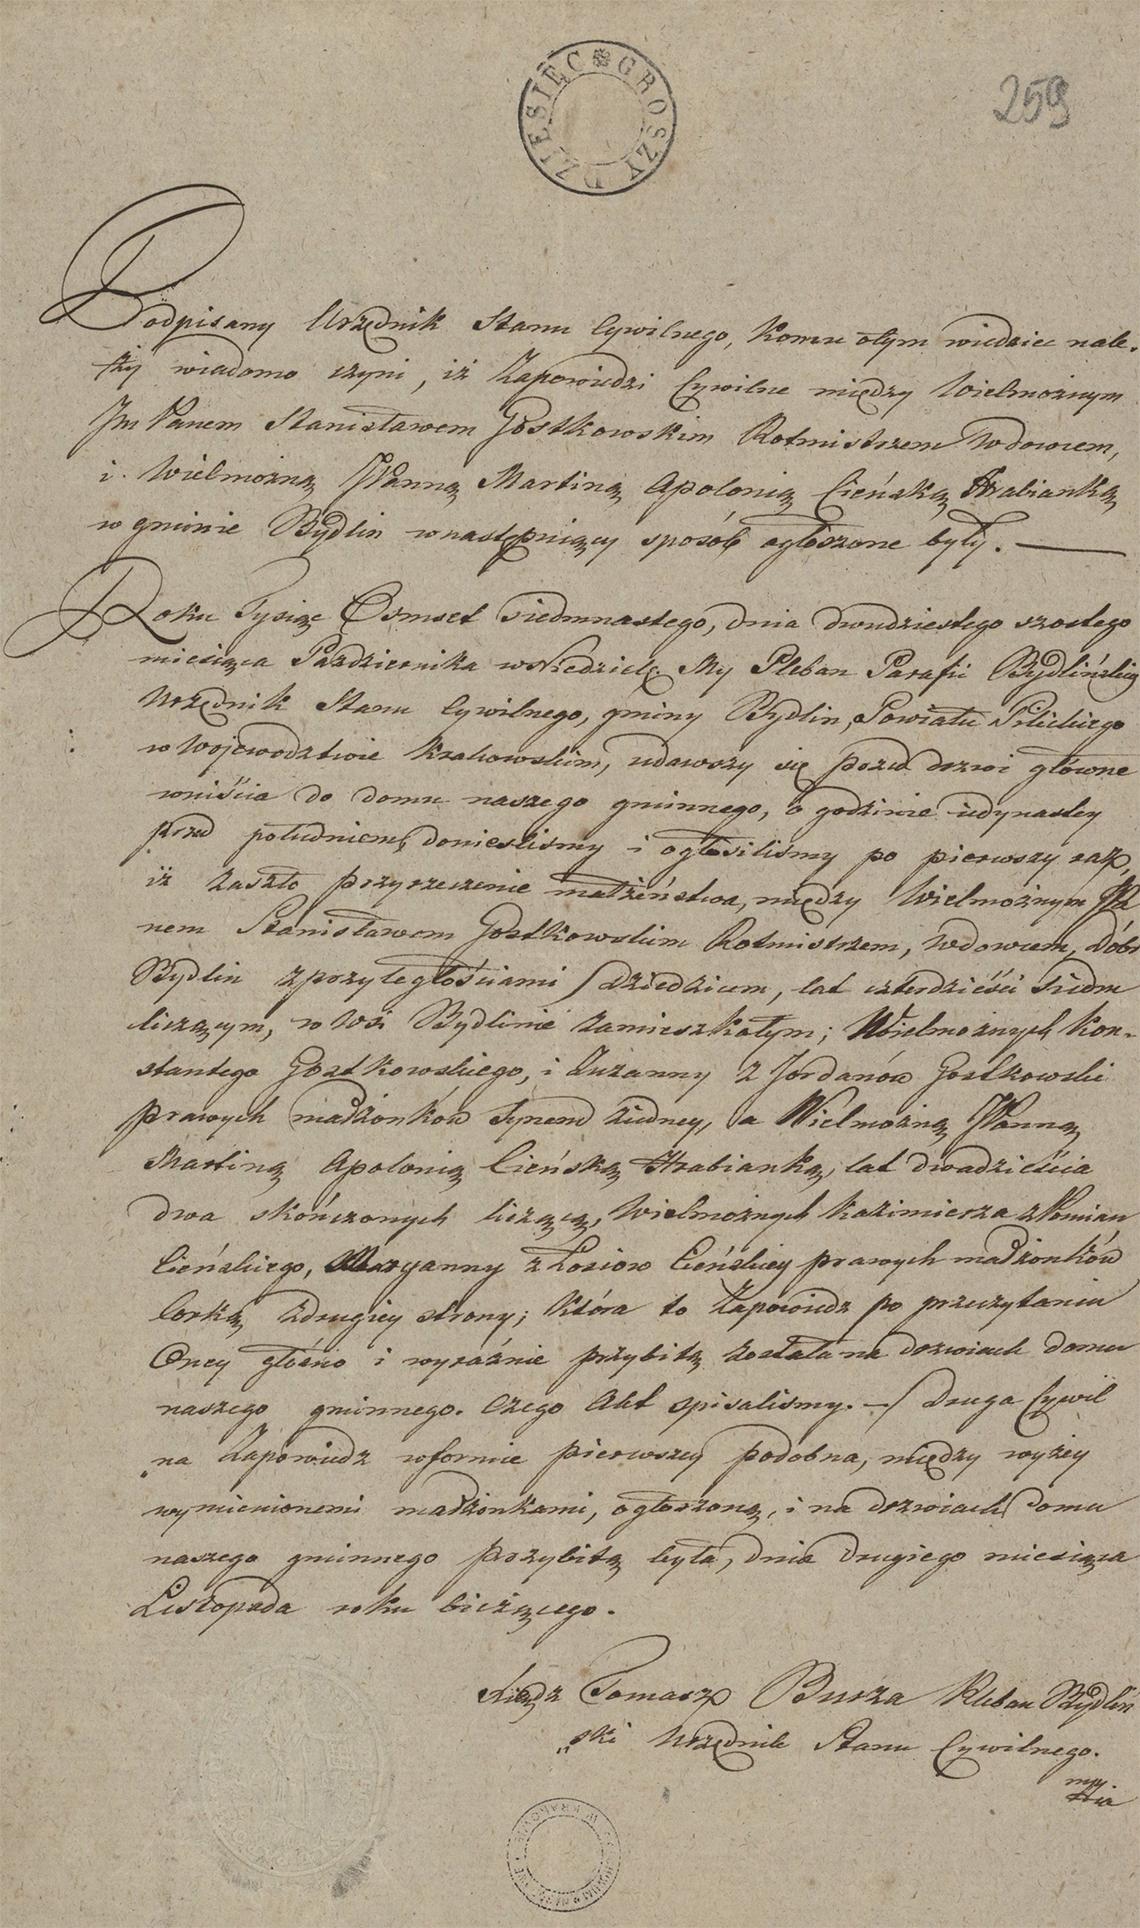 Alegaty do małżeństwa Stanisław Gostkowski & Martyna Apolonia Cieński (03.11.1817 r.) (6)